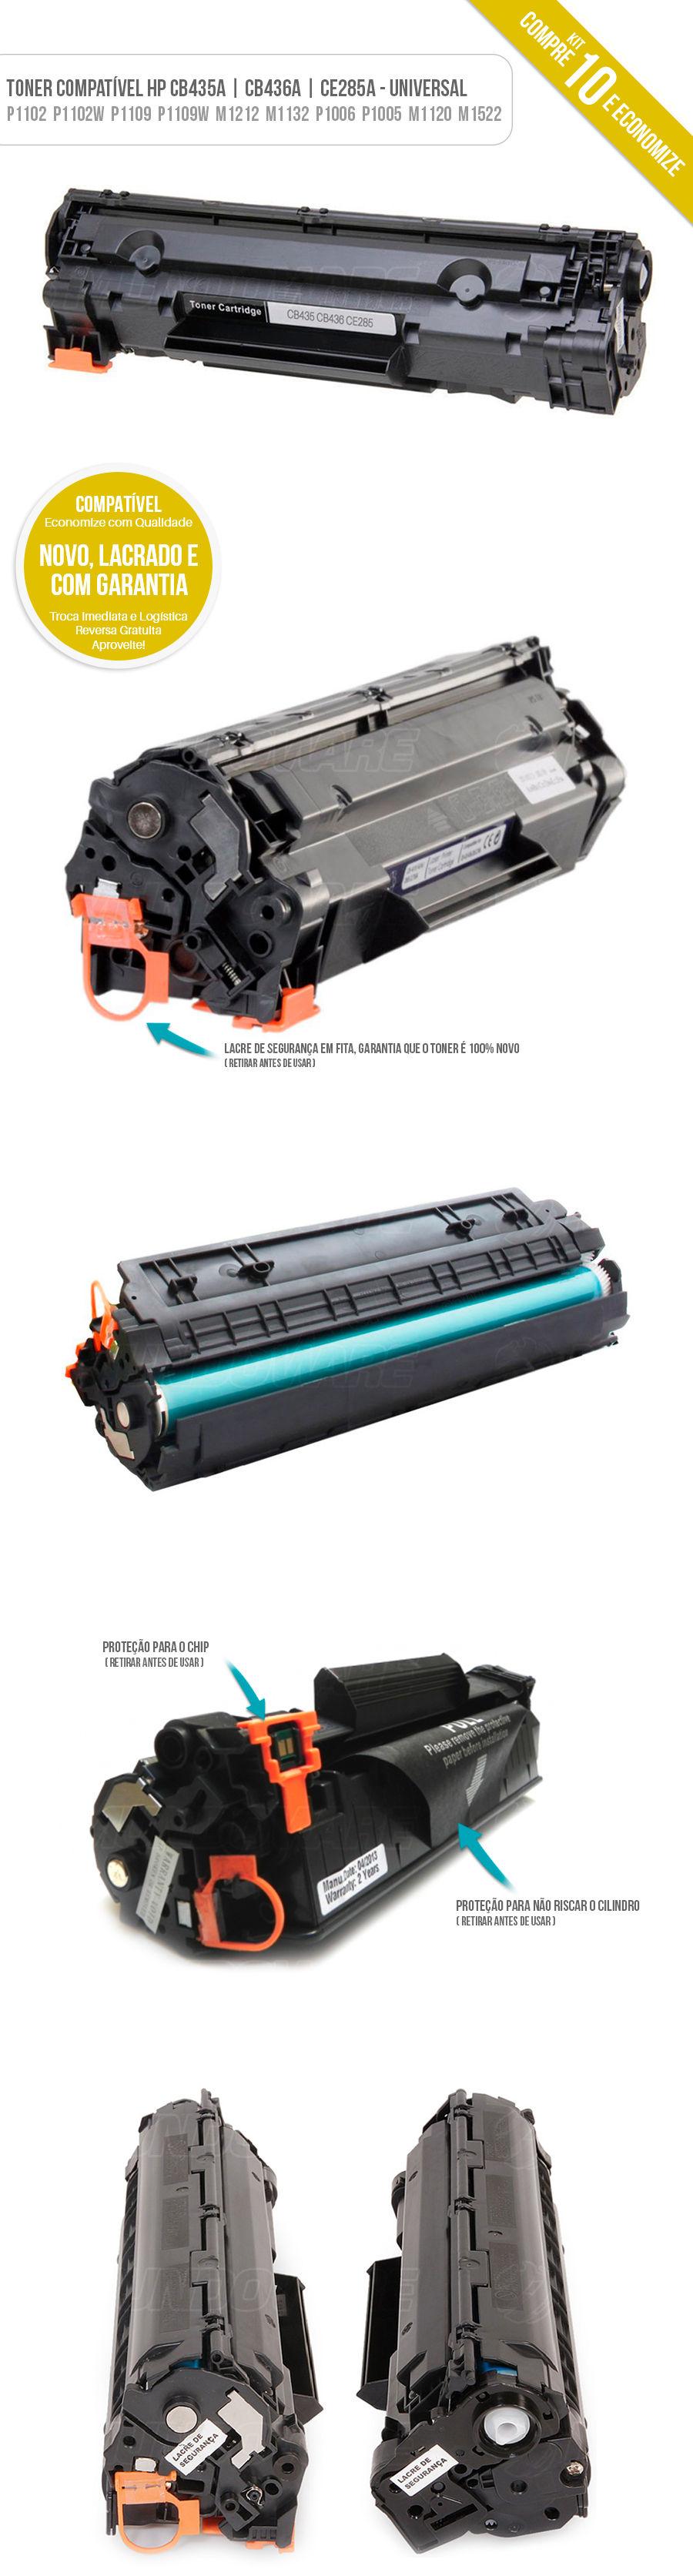 P1109 P1109W P1102W P1102 M1132 M1210 M1212 P1005 P1006 M1120 M1130 1102 1102W 1109 1109W Tonner Universal Misto Kit com 10 unidades